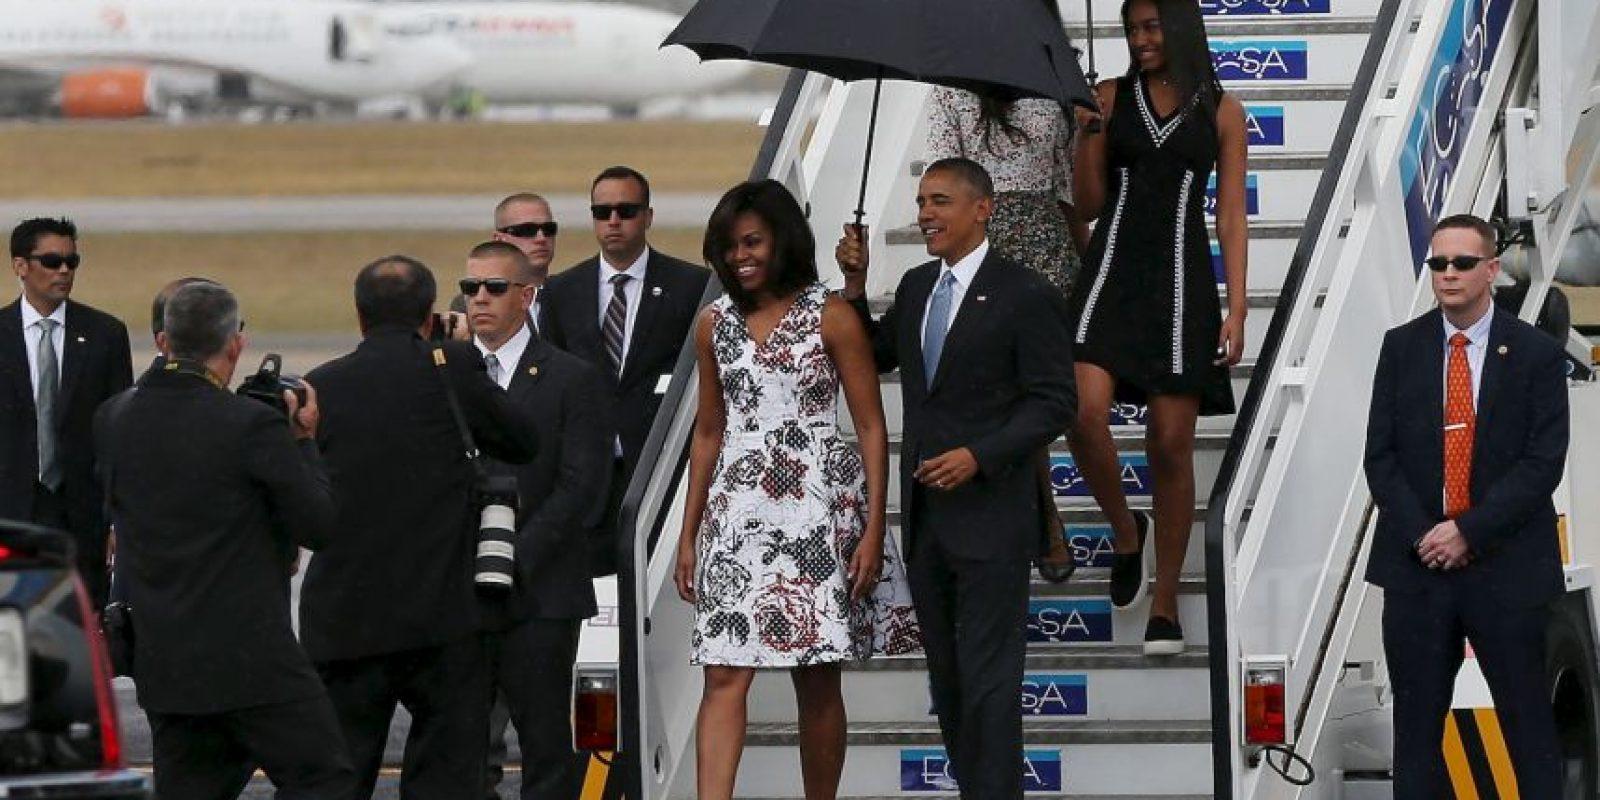 Fueron recibidos por el canciller cubano Bruno Rodríguez, el embajador cubano en Estados Unidos, José Ramón Cabañas y el encargado de negocios de la embajada de Estados Unidos en La Habana, Jeffrey DeLaurentis Foto:Getty Images